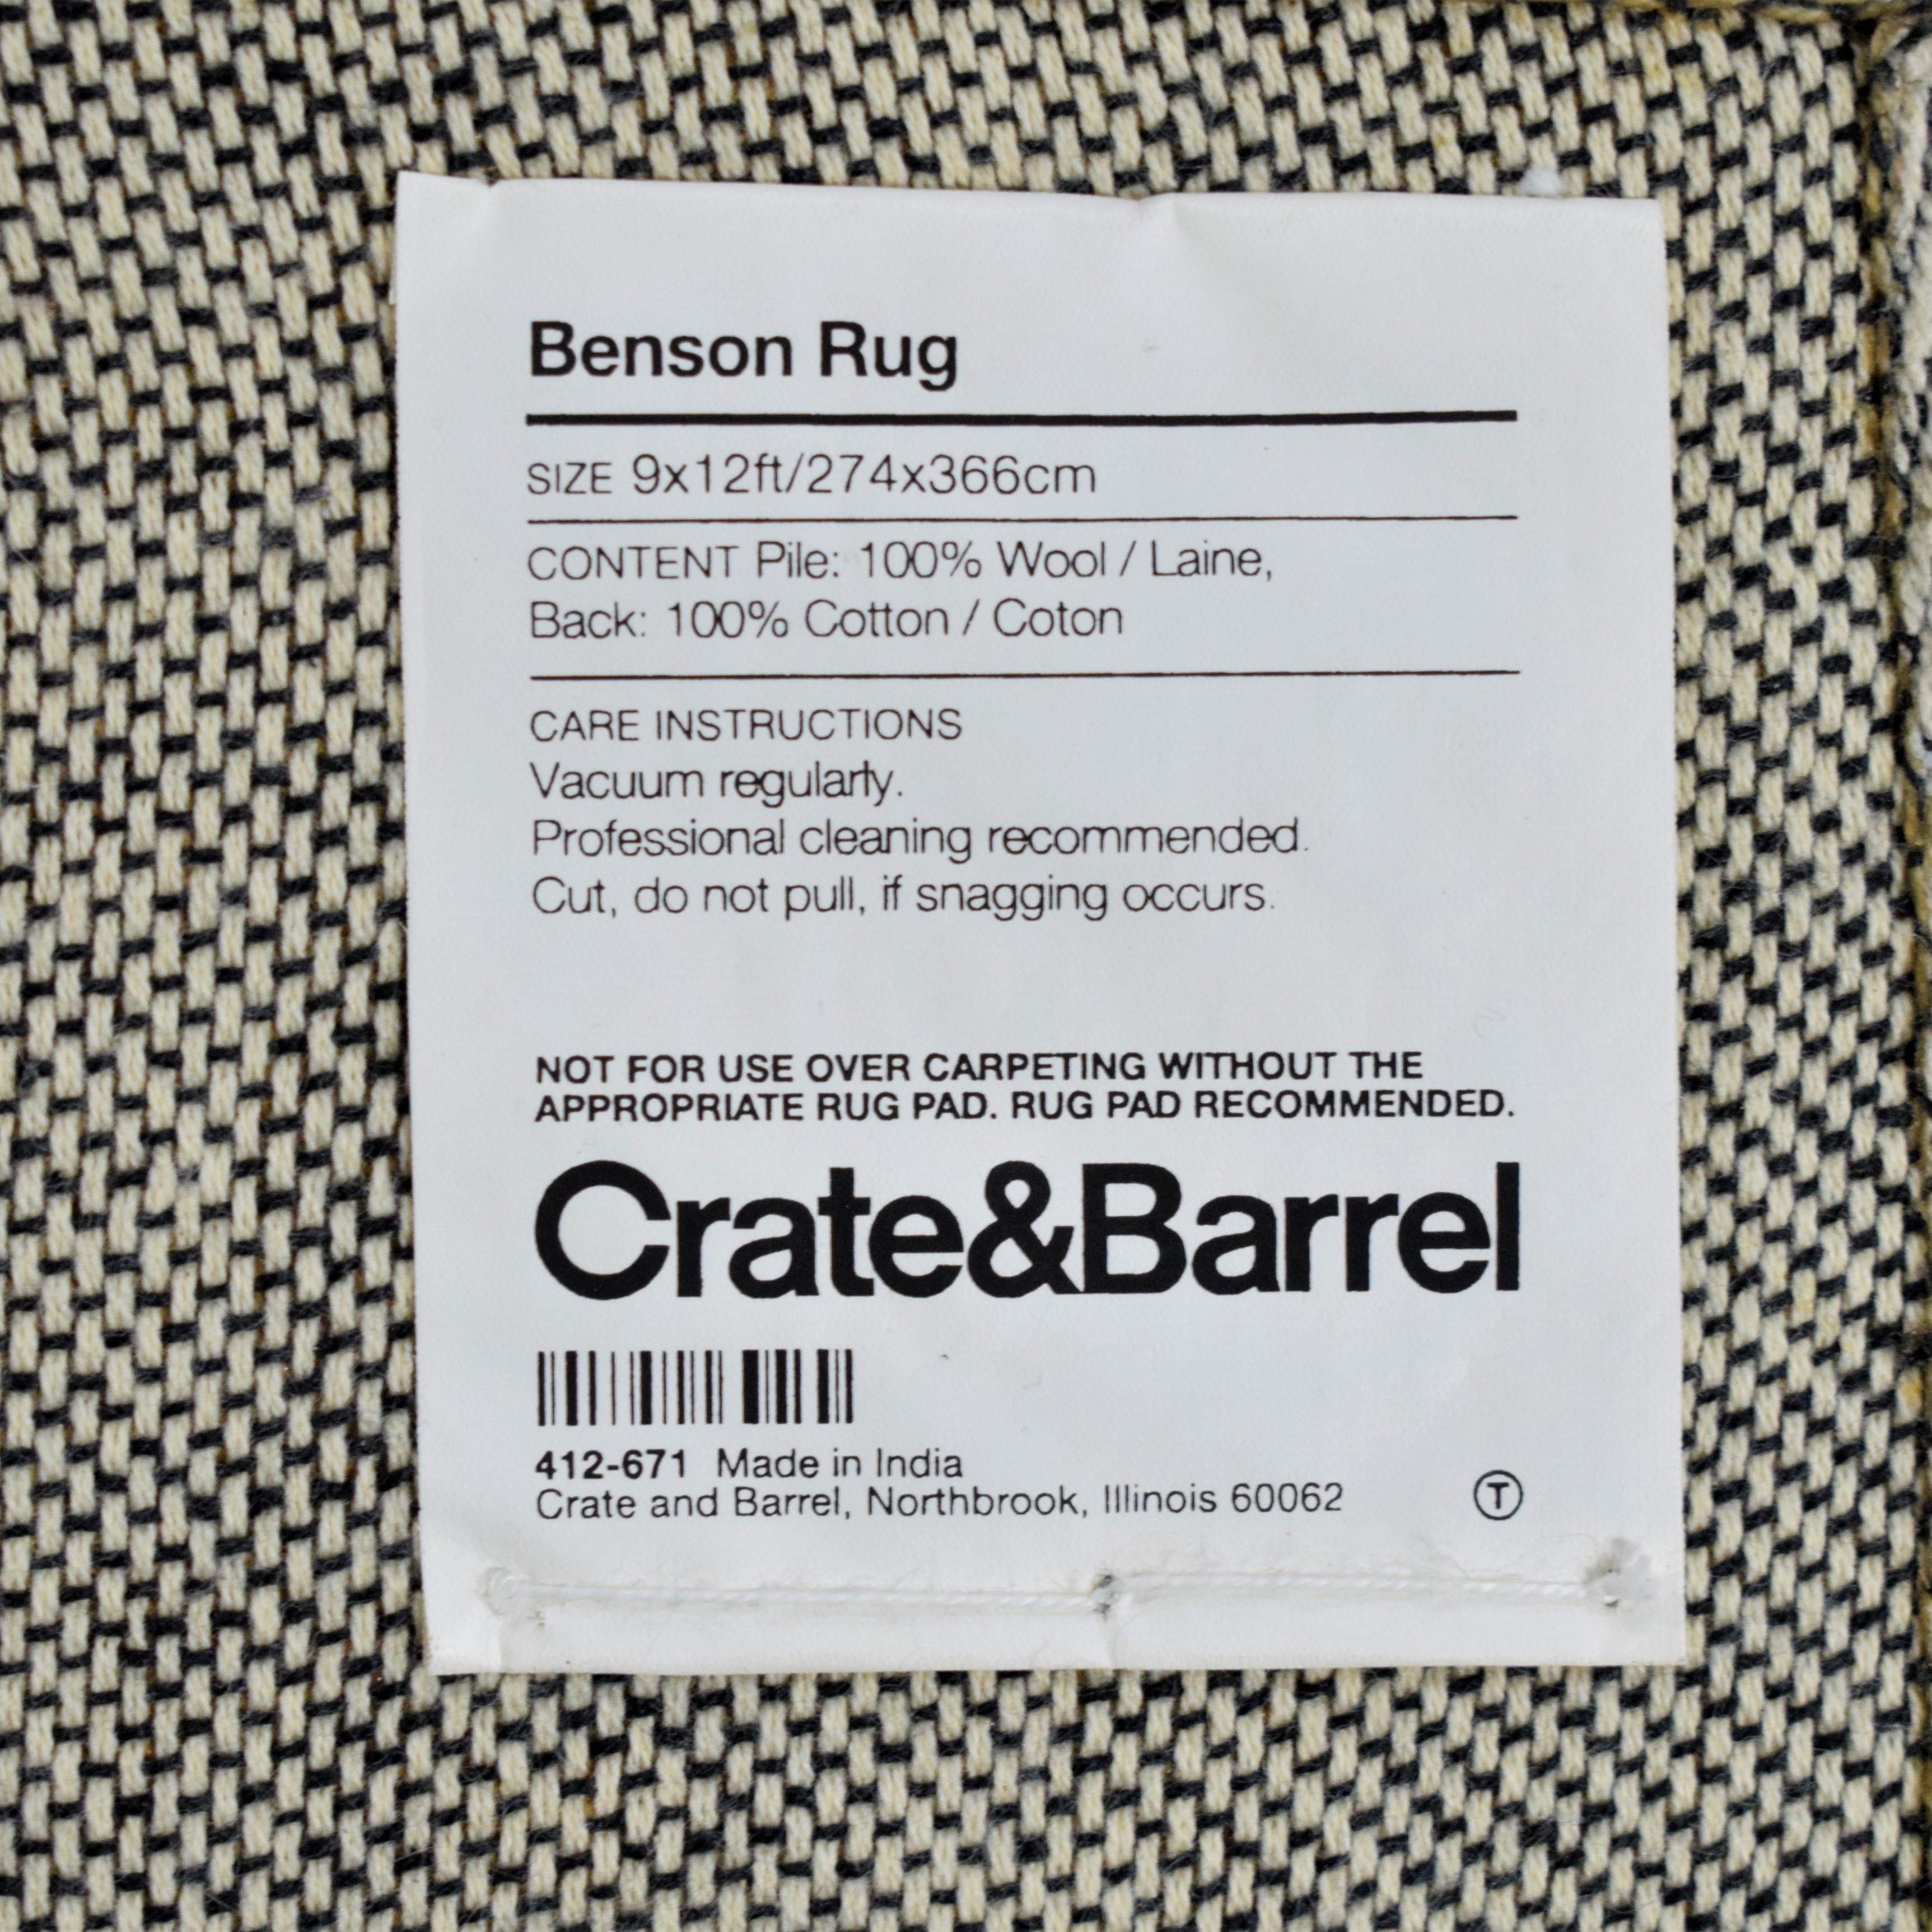 shop Crate & Barrel Crate & Barrel Benson Rug online